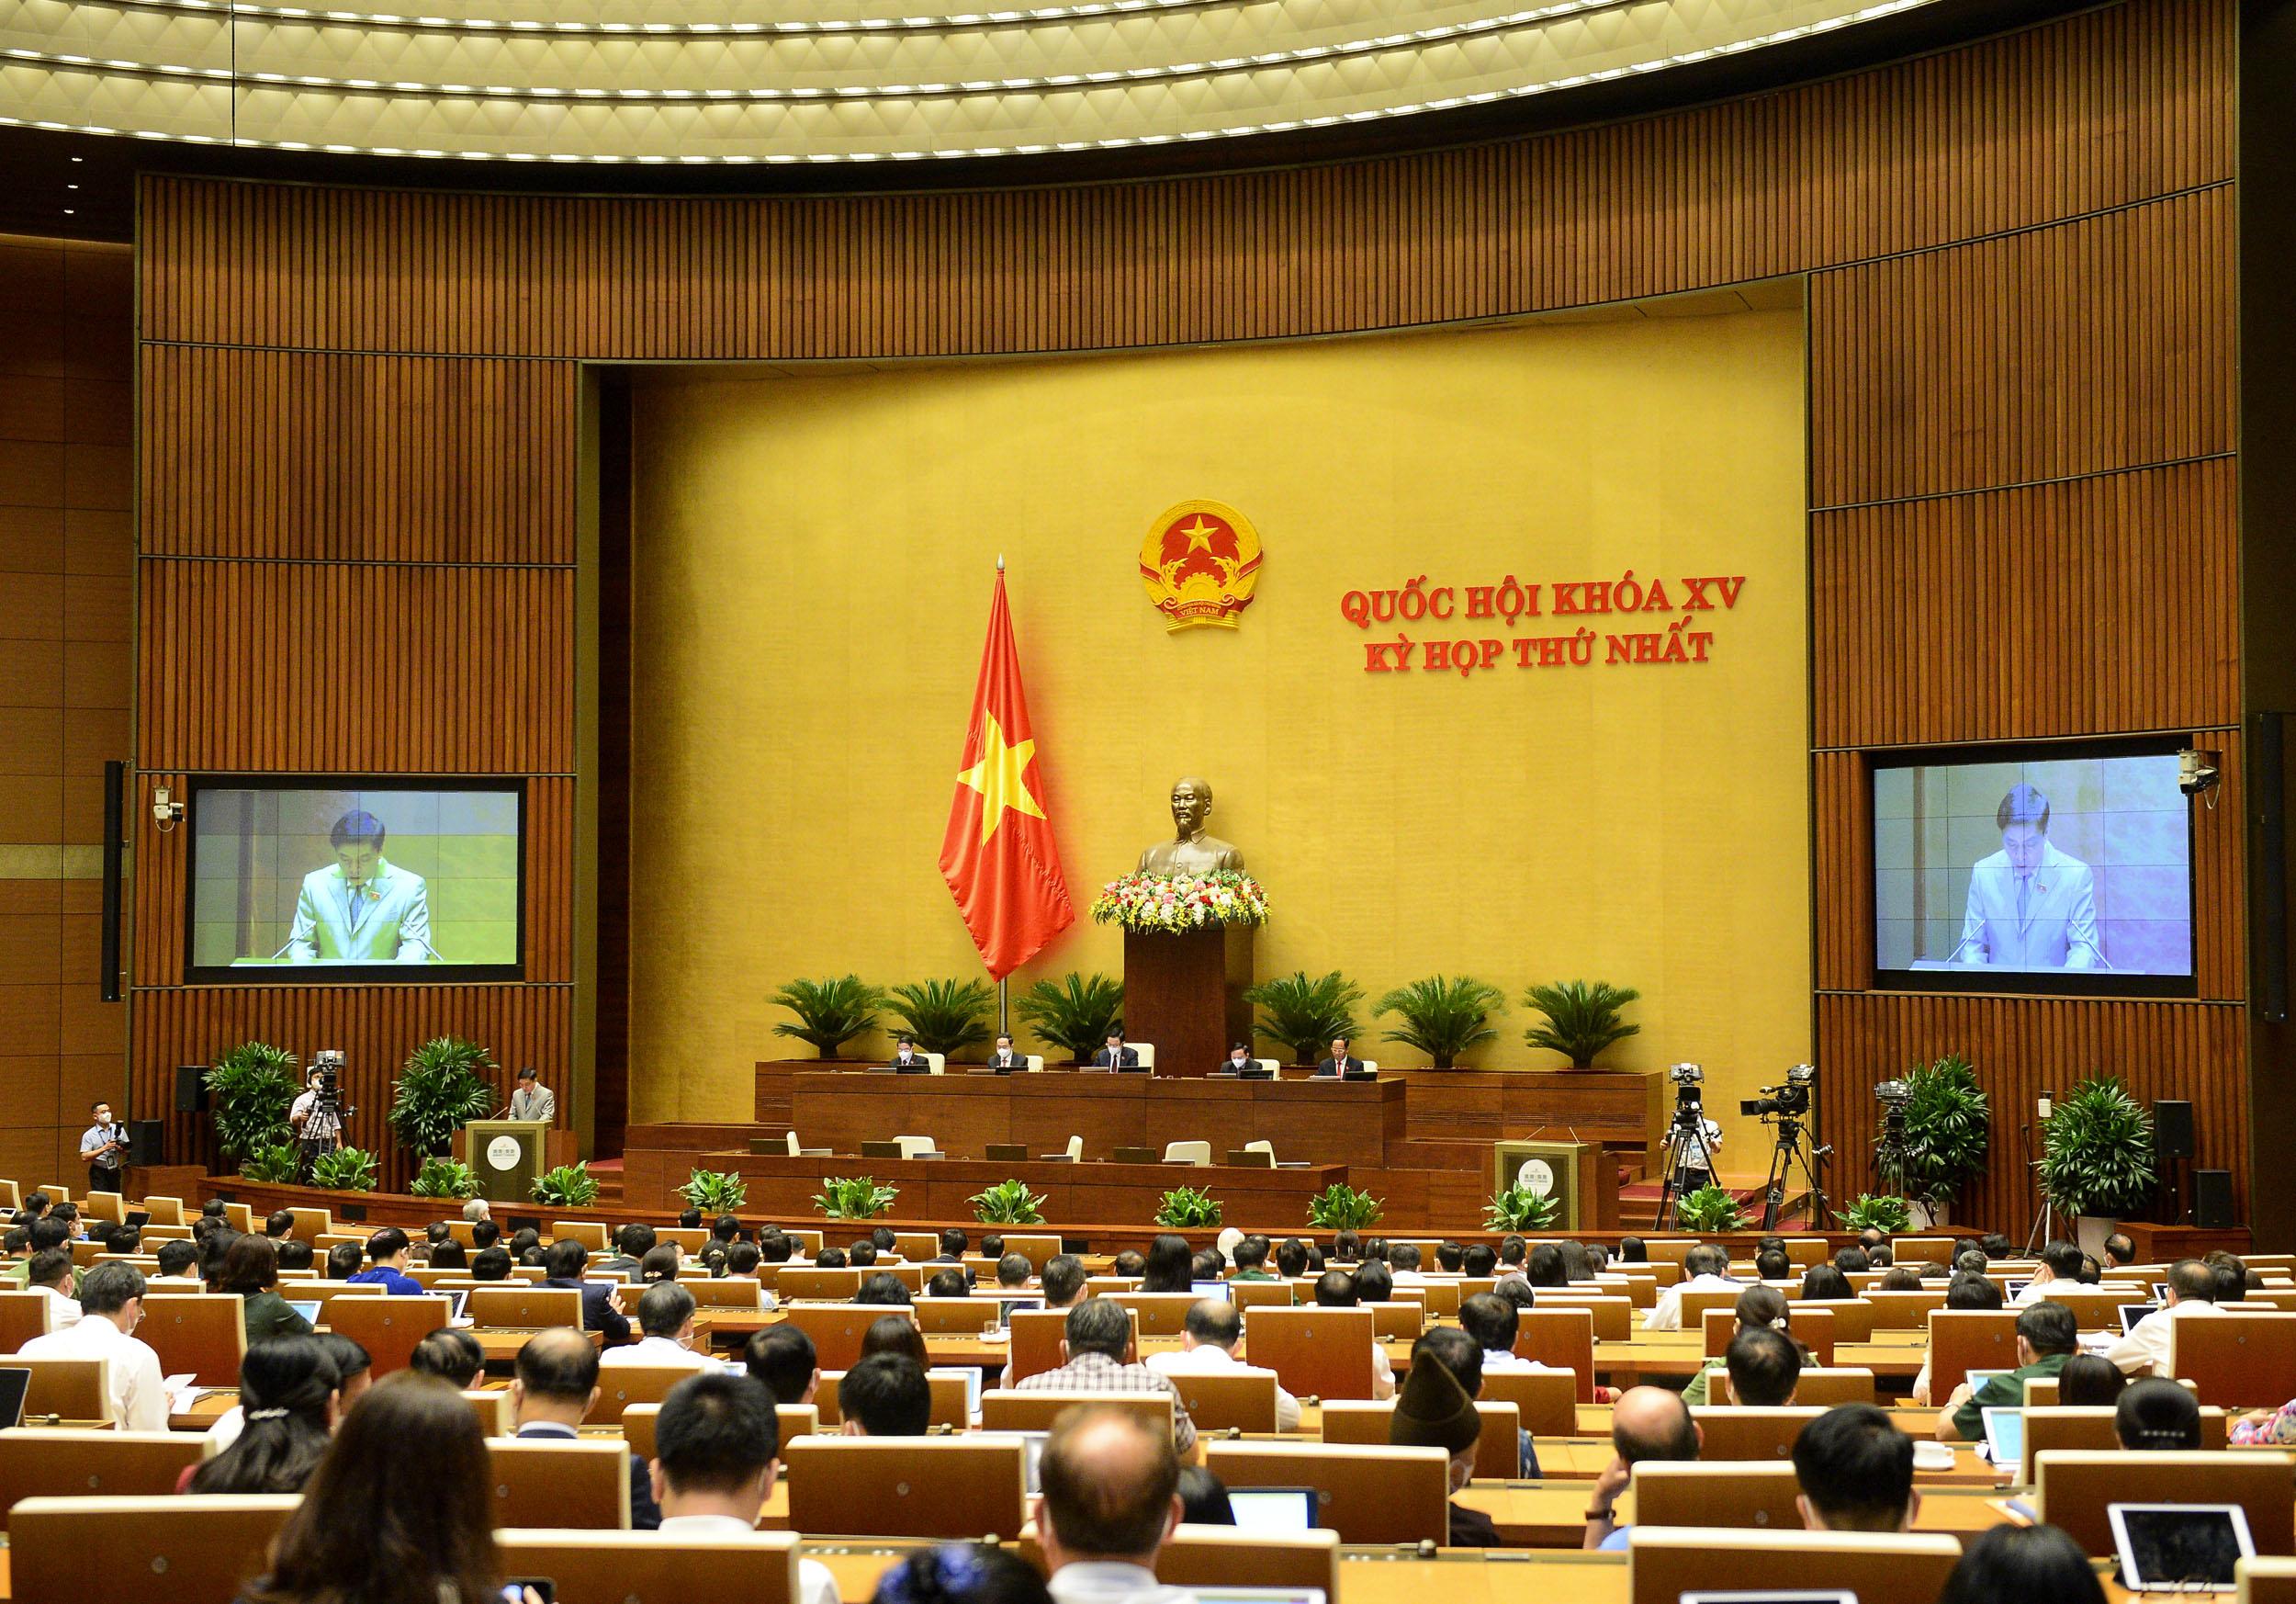 Kỳ họp thứ Nhất, Quốc hội khoá XV, ngày 25-7-2021